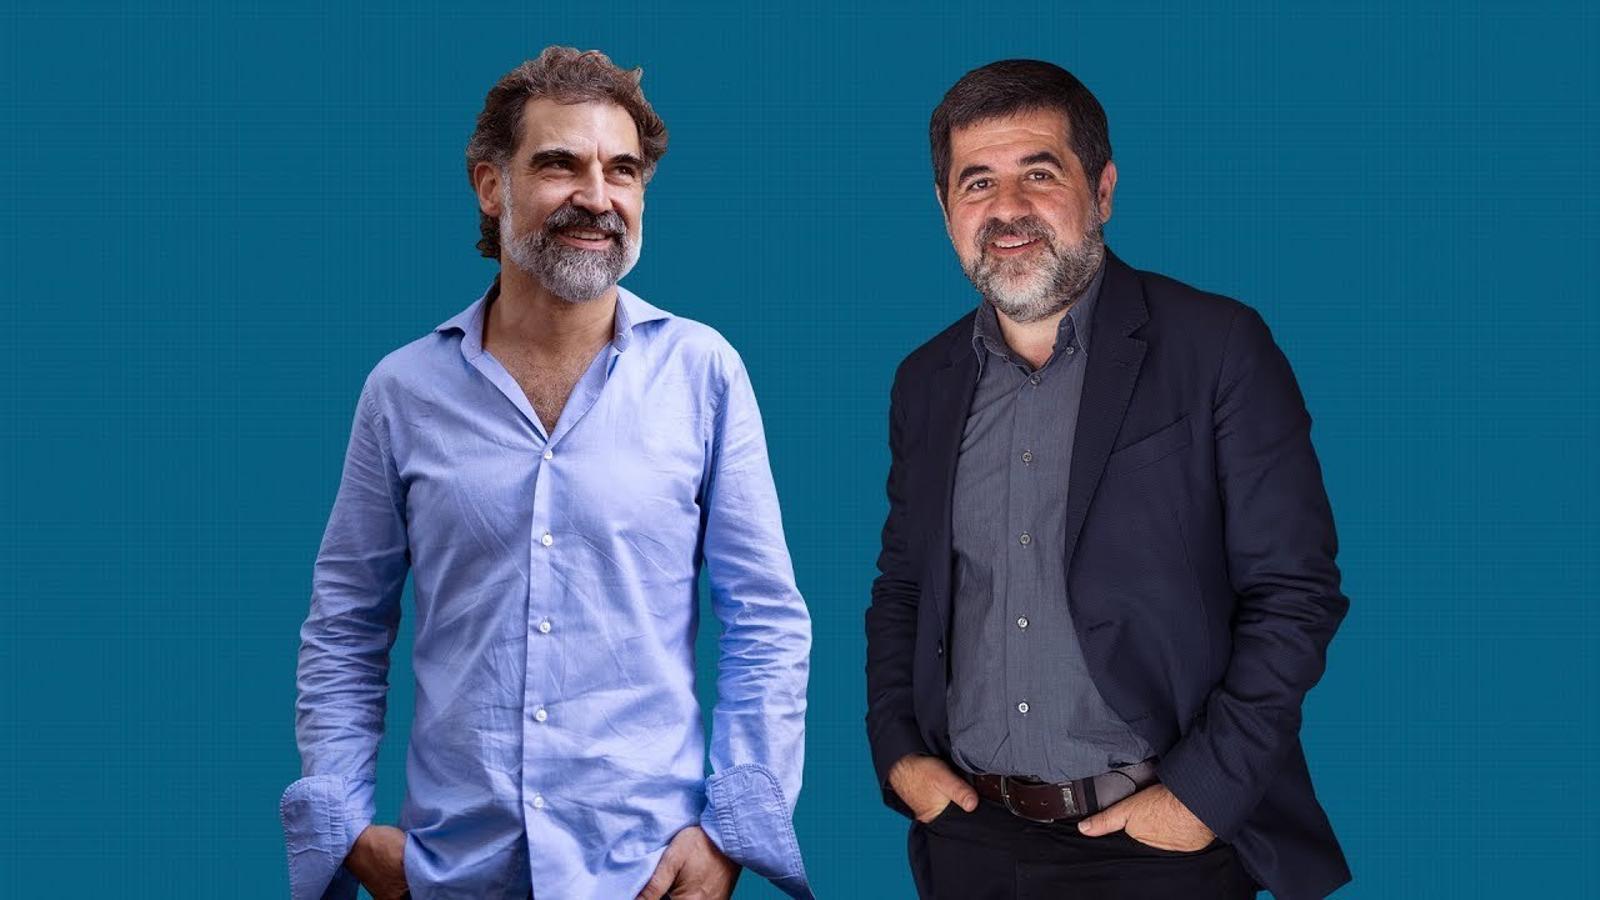 L'anàlisi d'Antoni Bassas: 'La resposta que donarem a tanta injustícia'